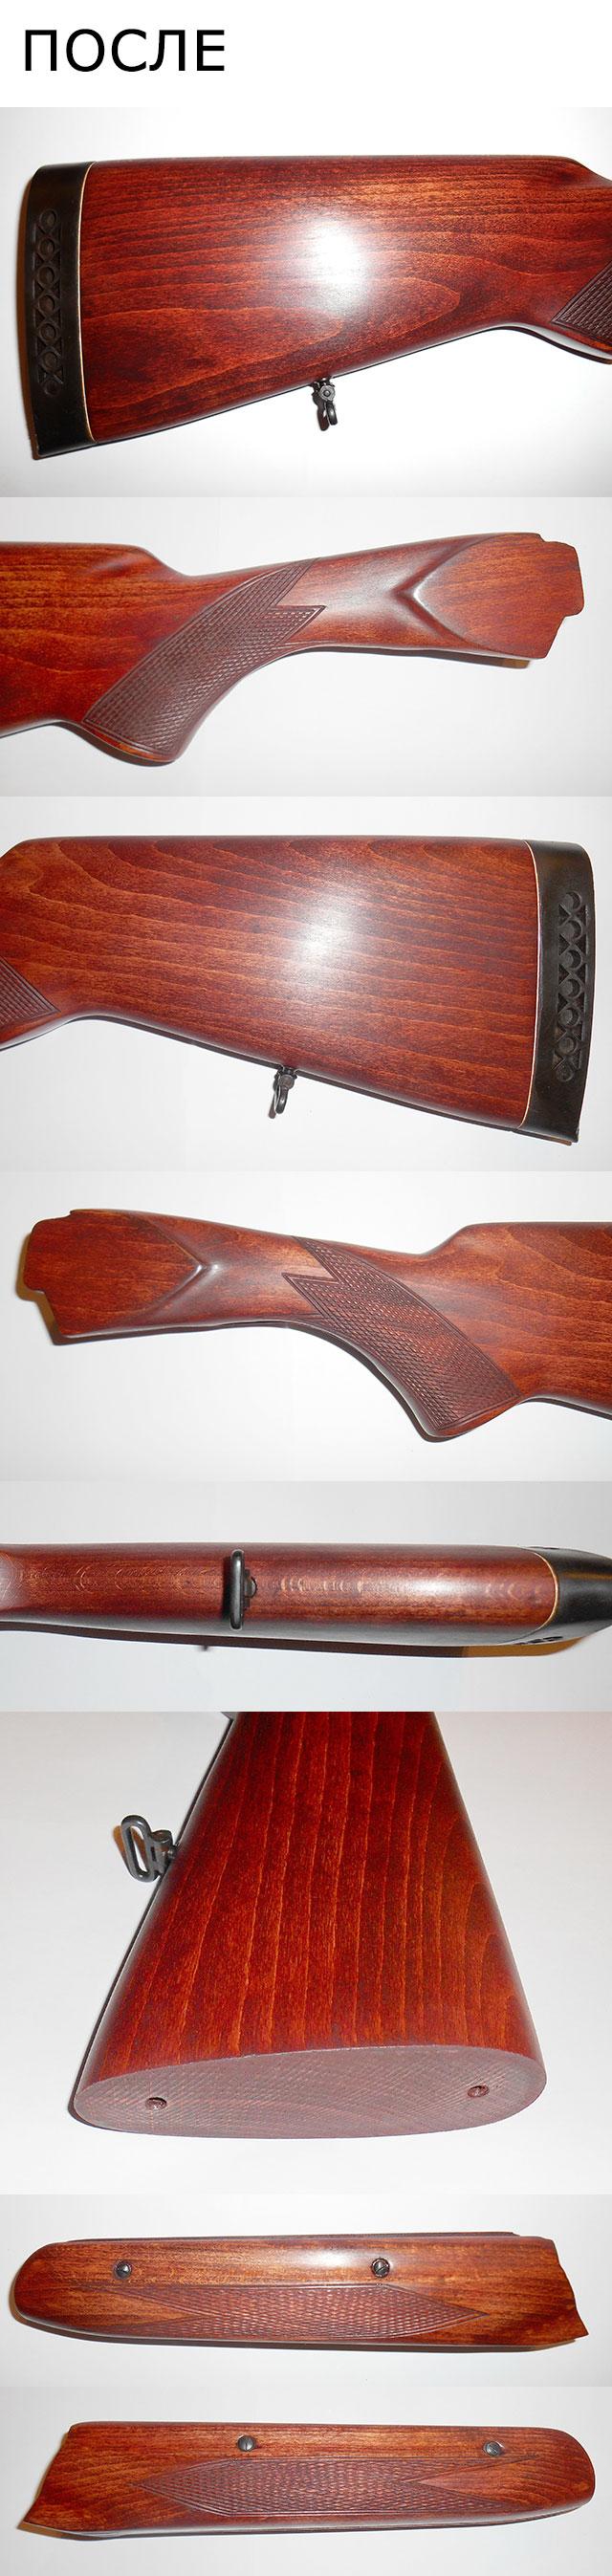 Приклад и цевье ружья ТОЗ-34 после реставрации